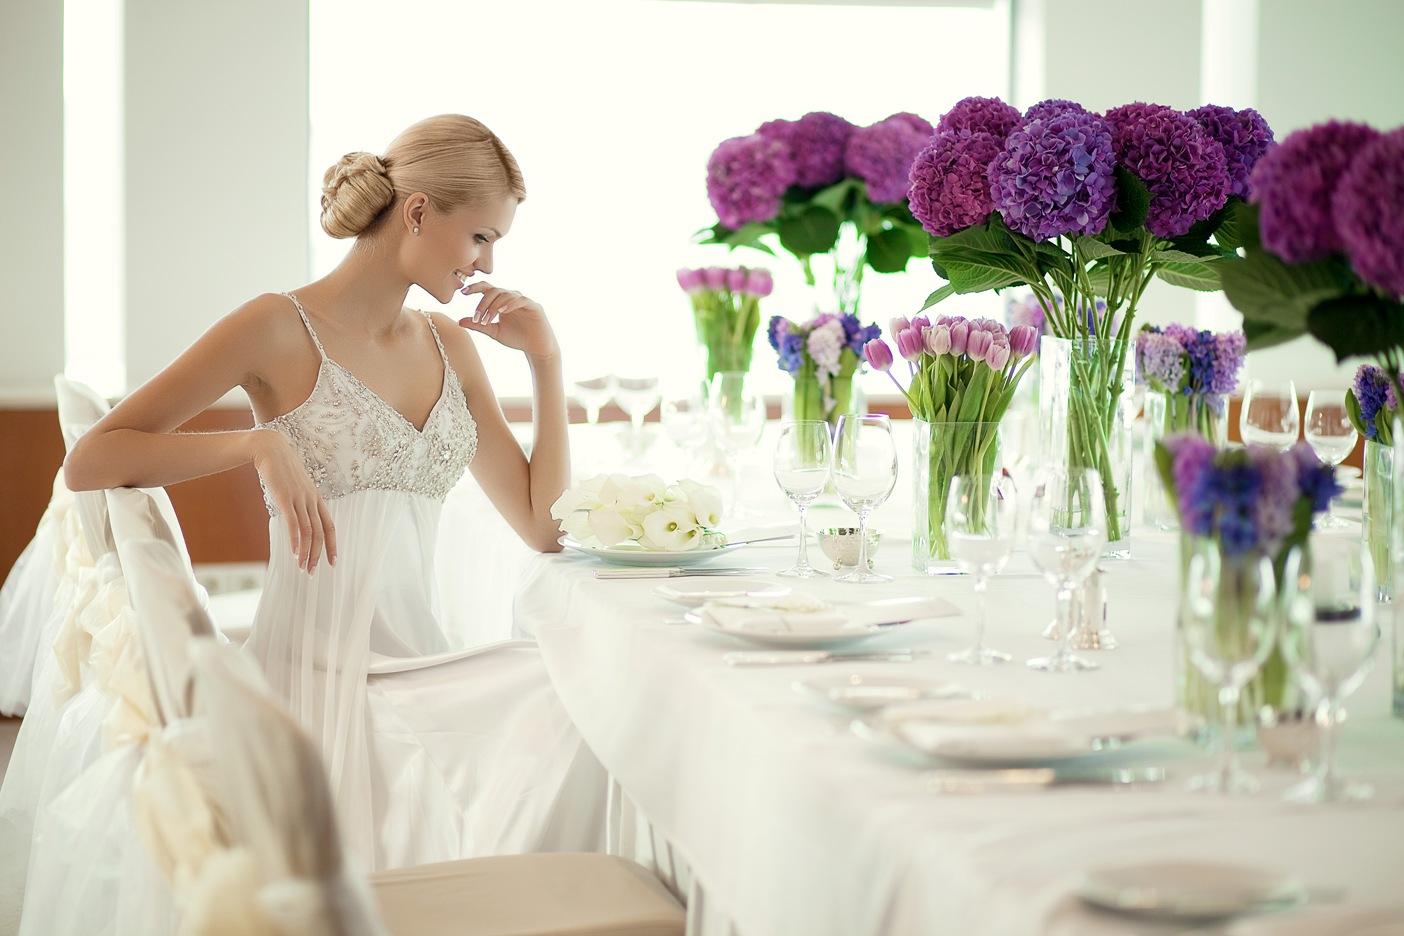 Картинки по запросу Как выбрать ресторан для свадьбы?